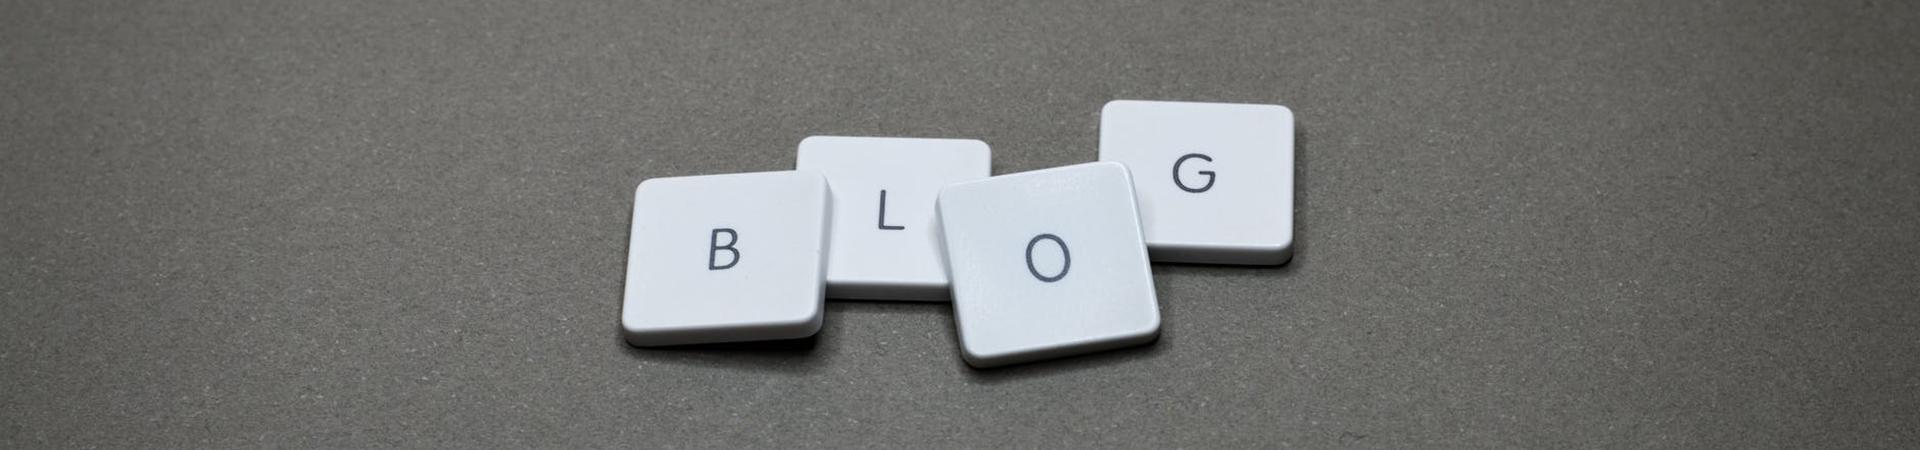 blog header corta